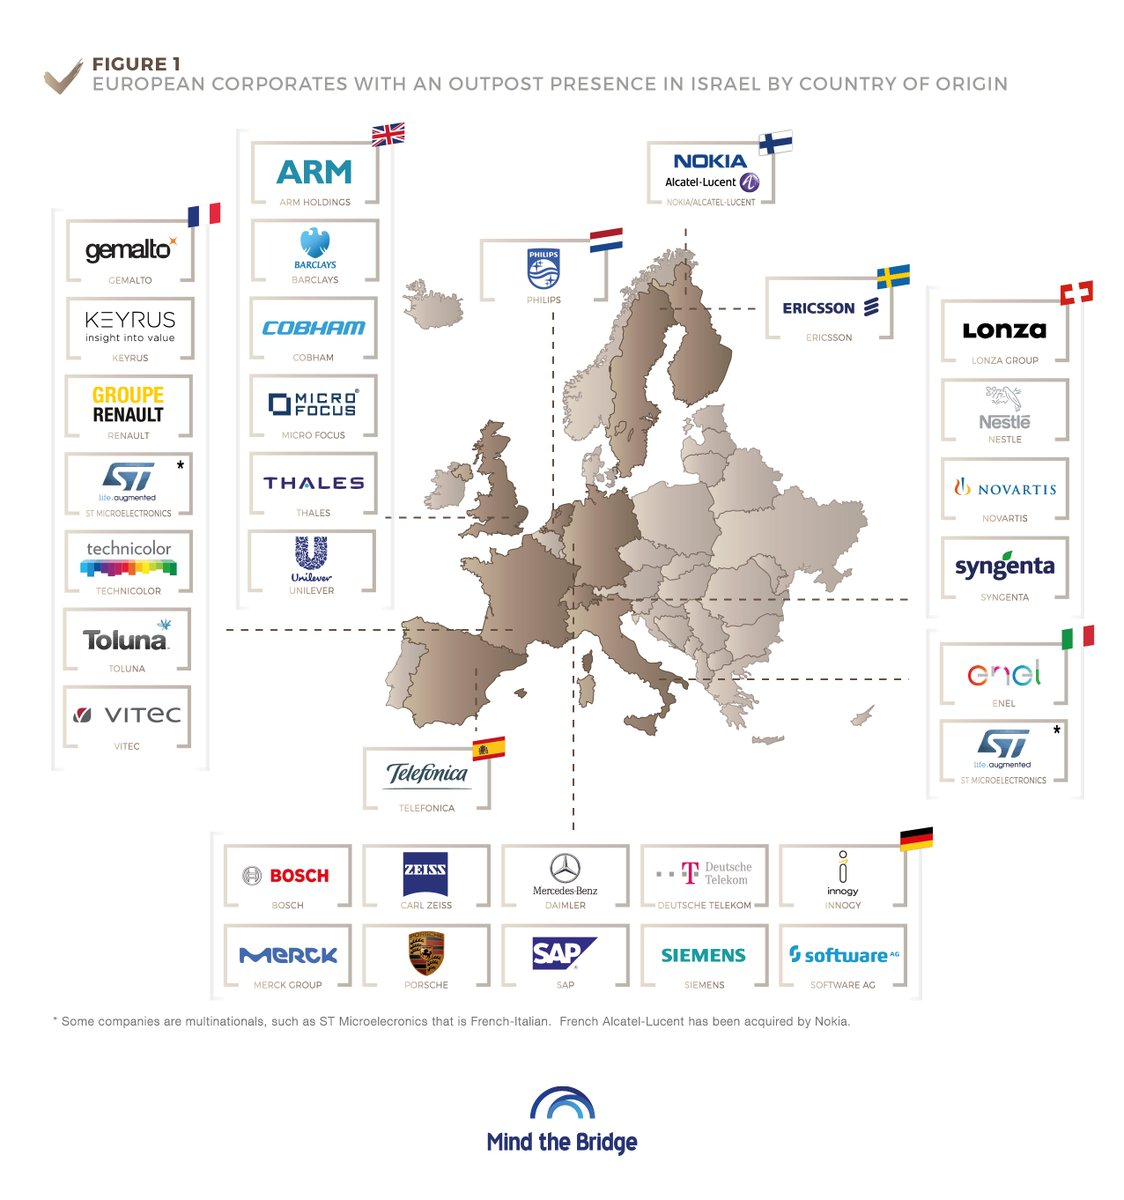 download Leitfaden fur Qualitatsauditoren: Planung und Durchfuhrung von Audits nach ISO 9001:2008,